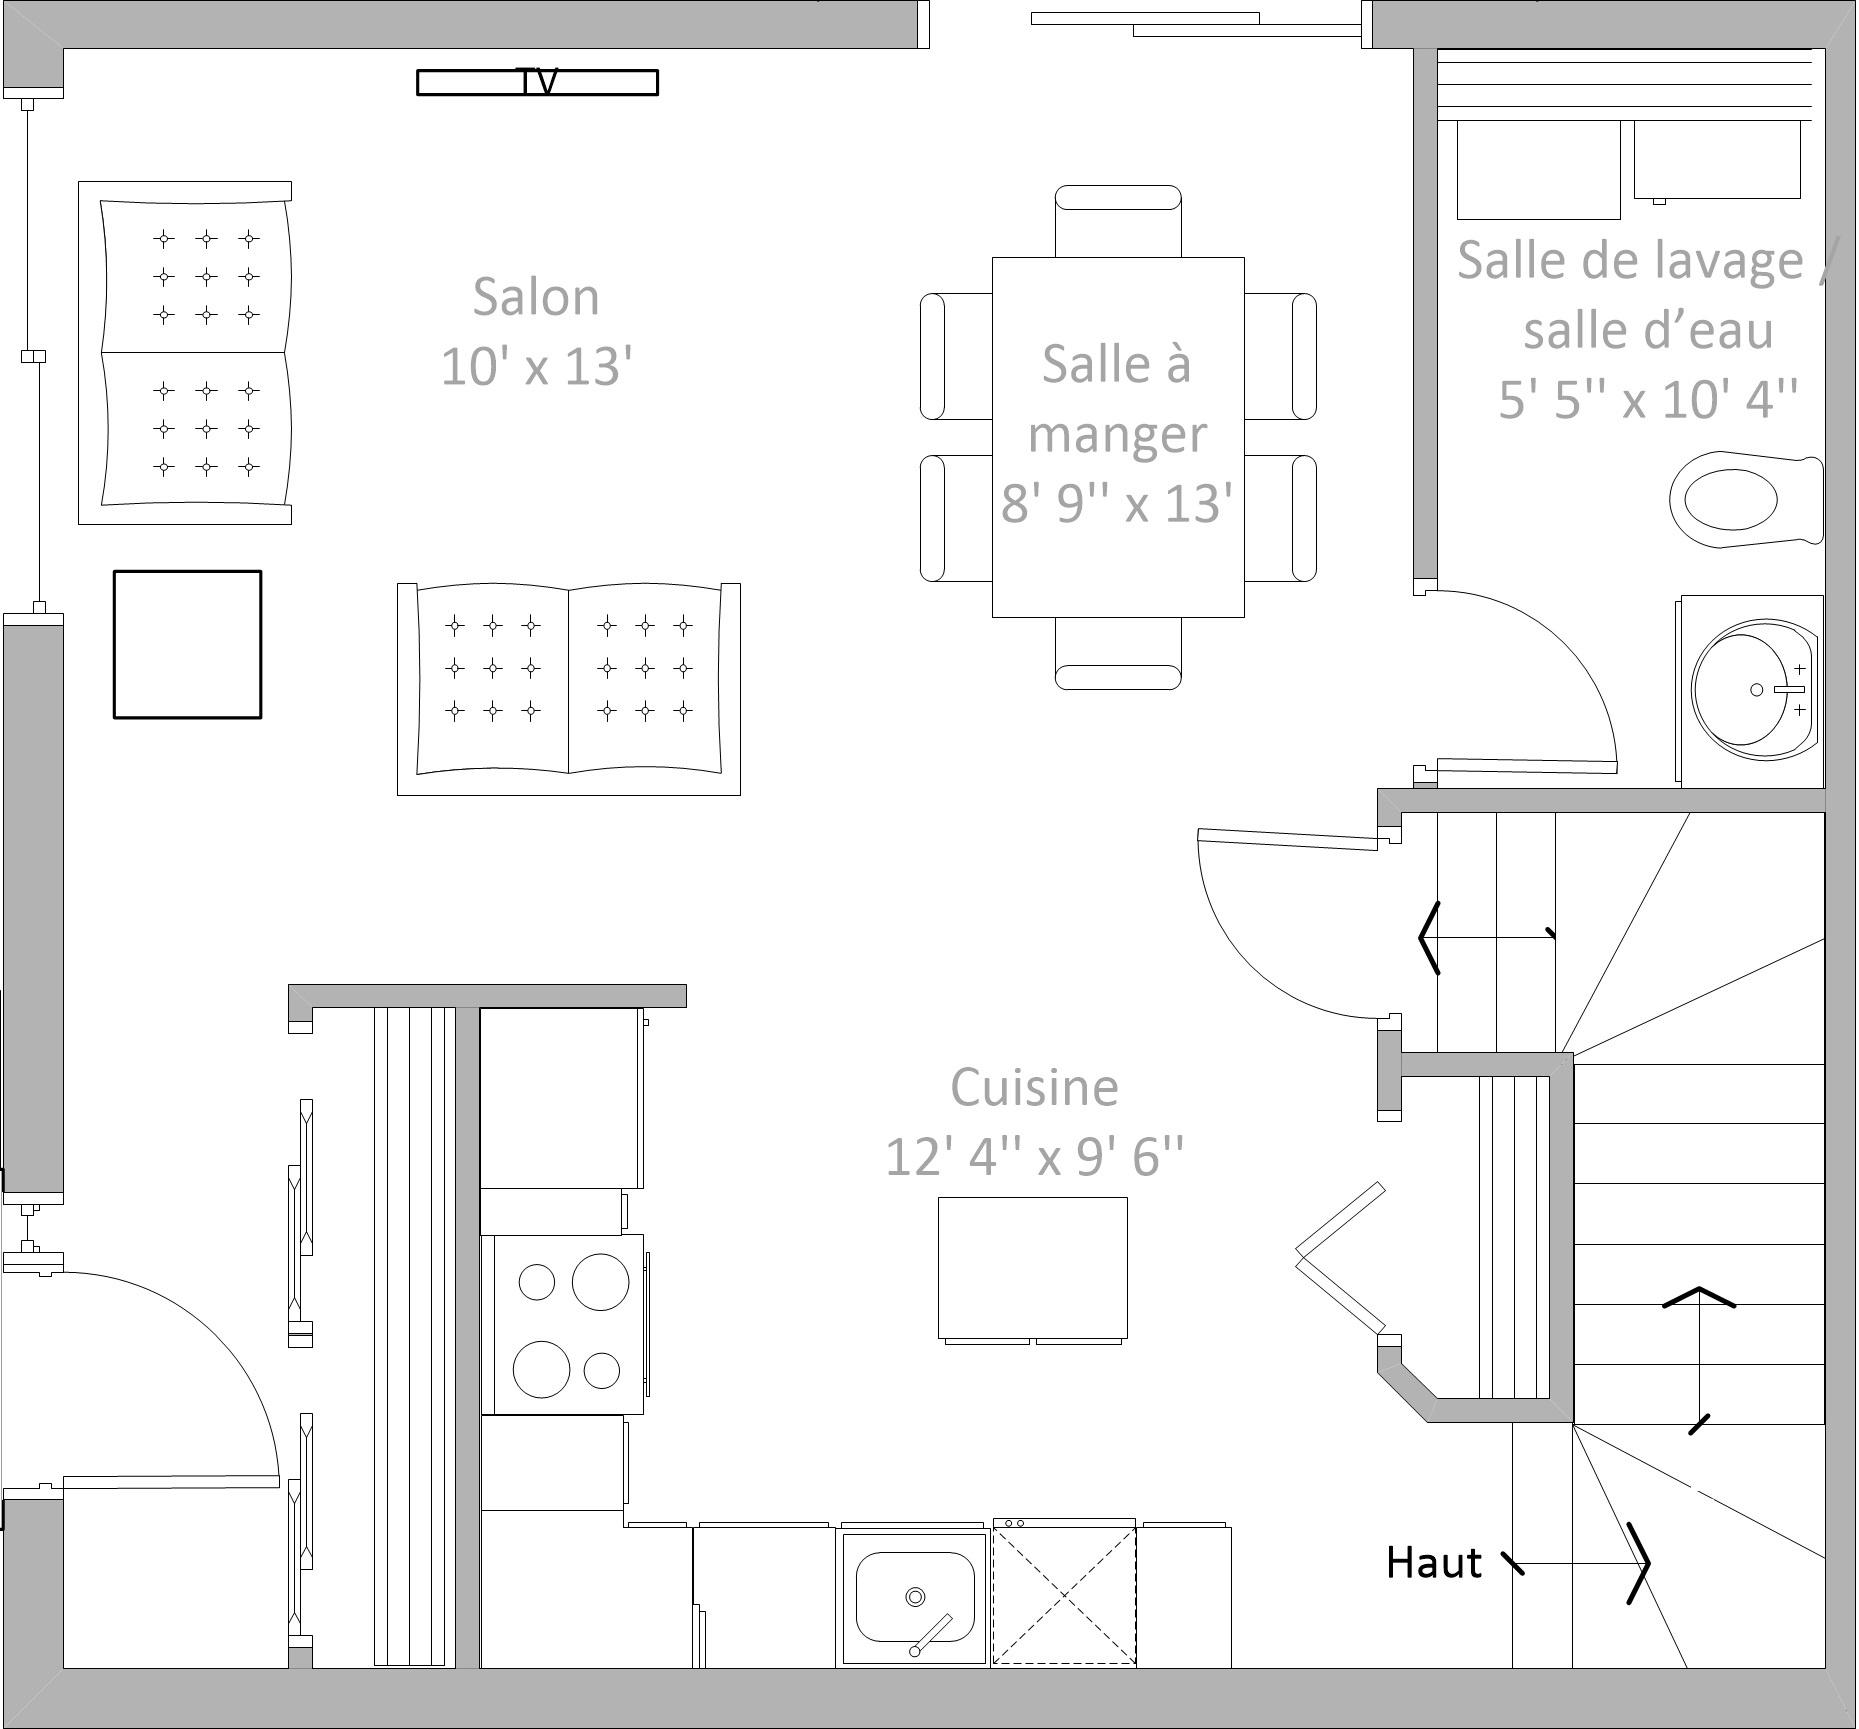 Plan du rez-de-chaussée proposé